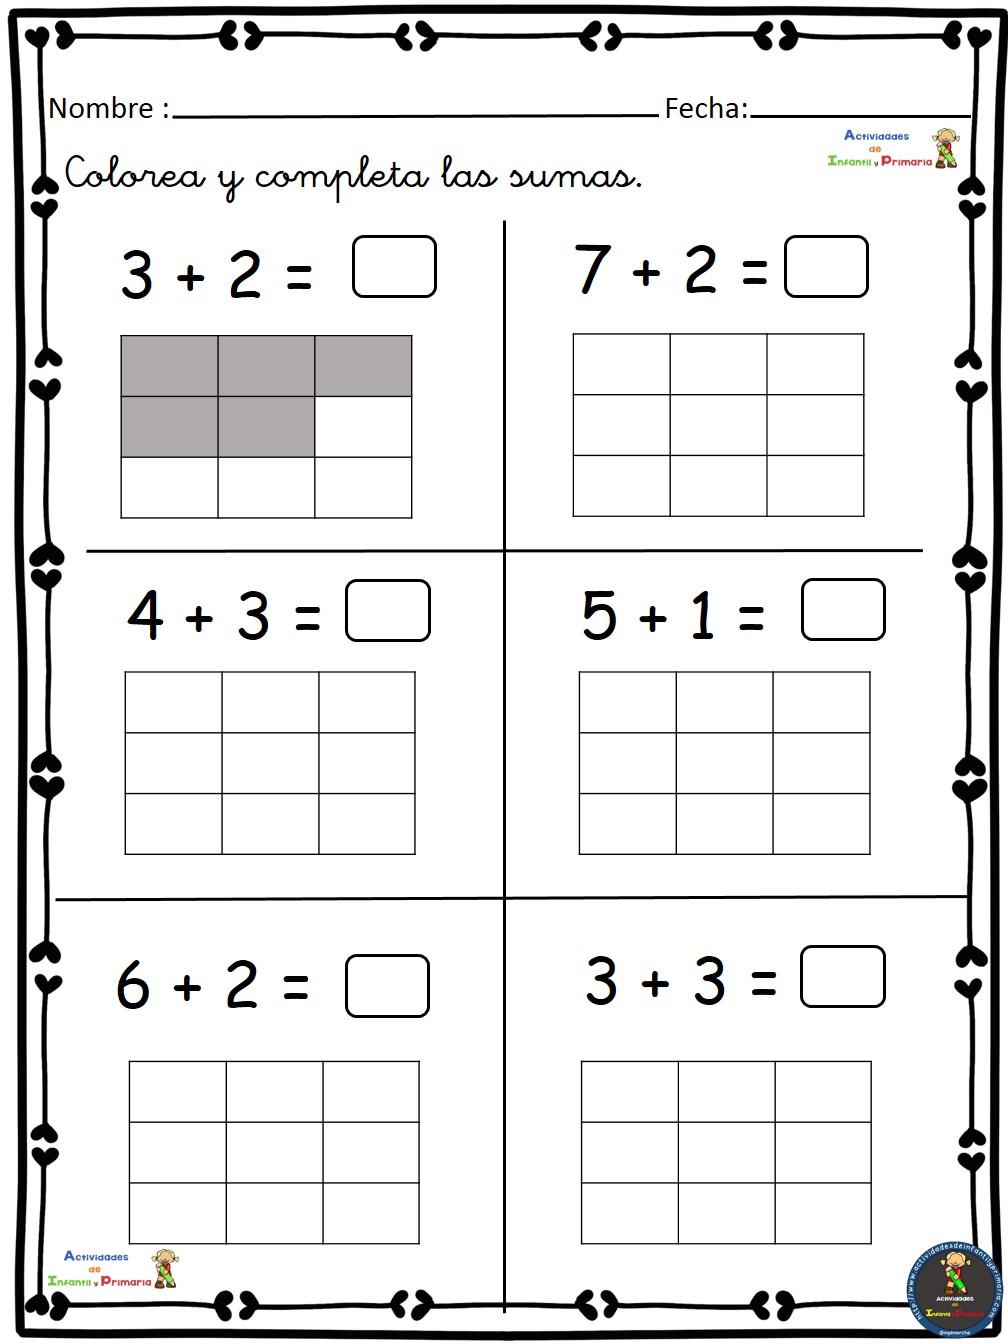 Ejercicios de Matemáticas conteo-sumas-restas Primero Primaria (3)